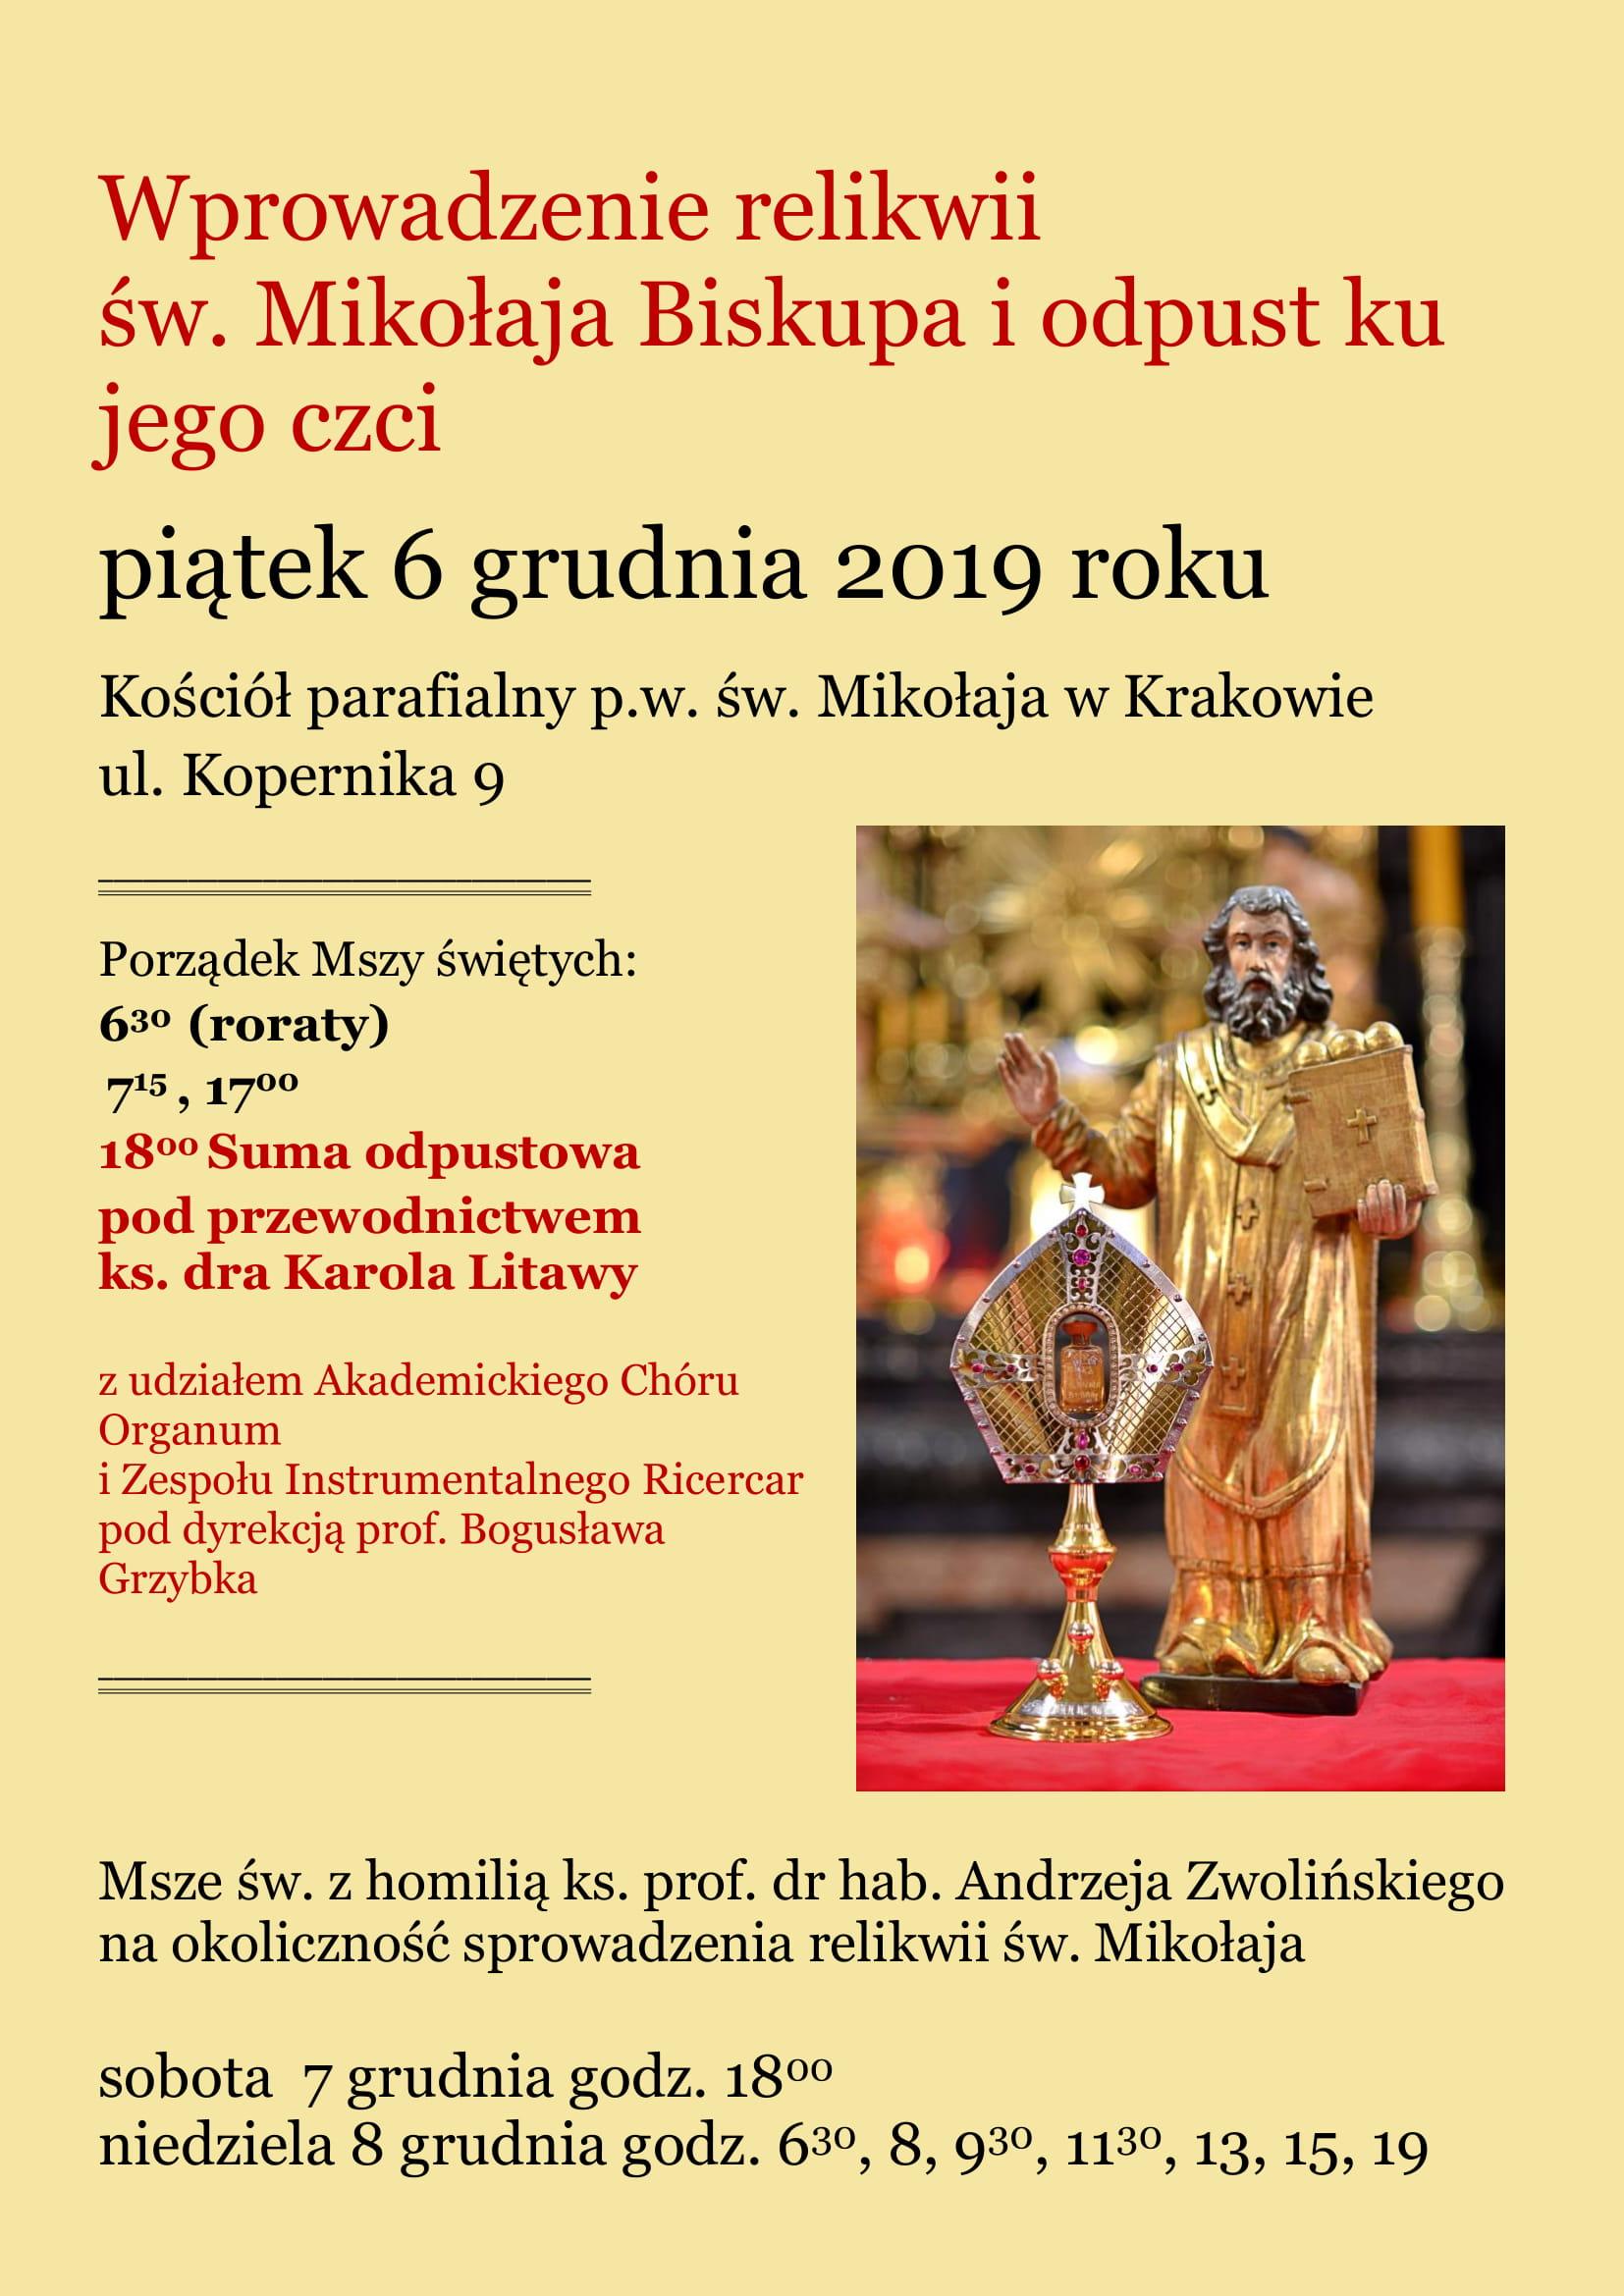 Odpust ku czci św. Mikołaja Biskupa